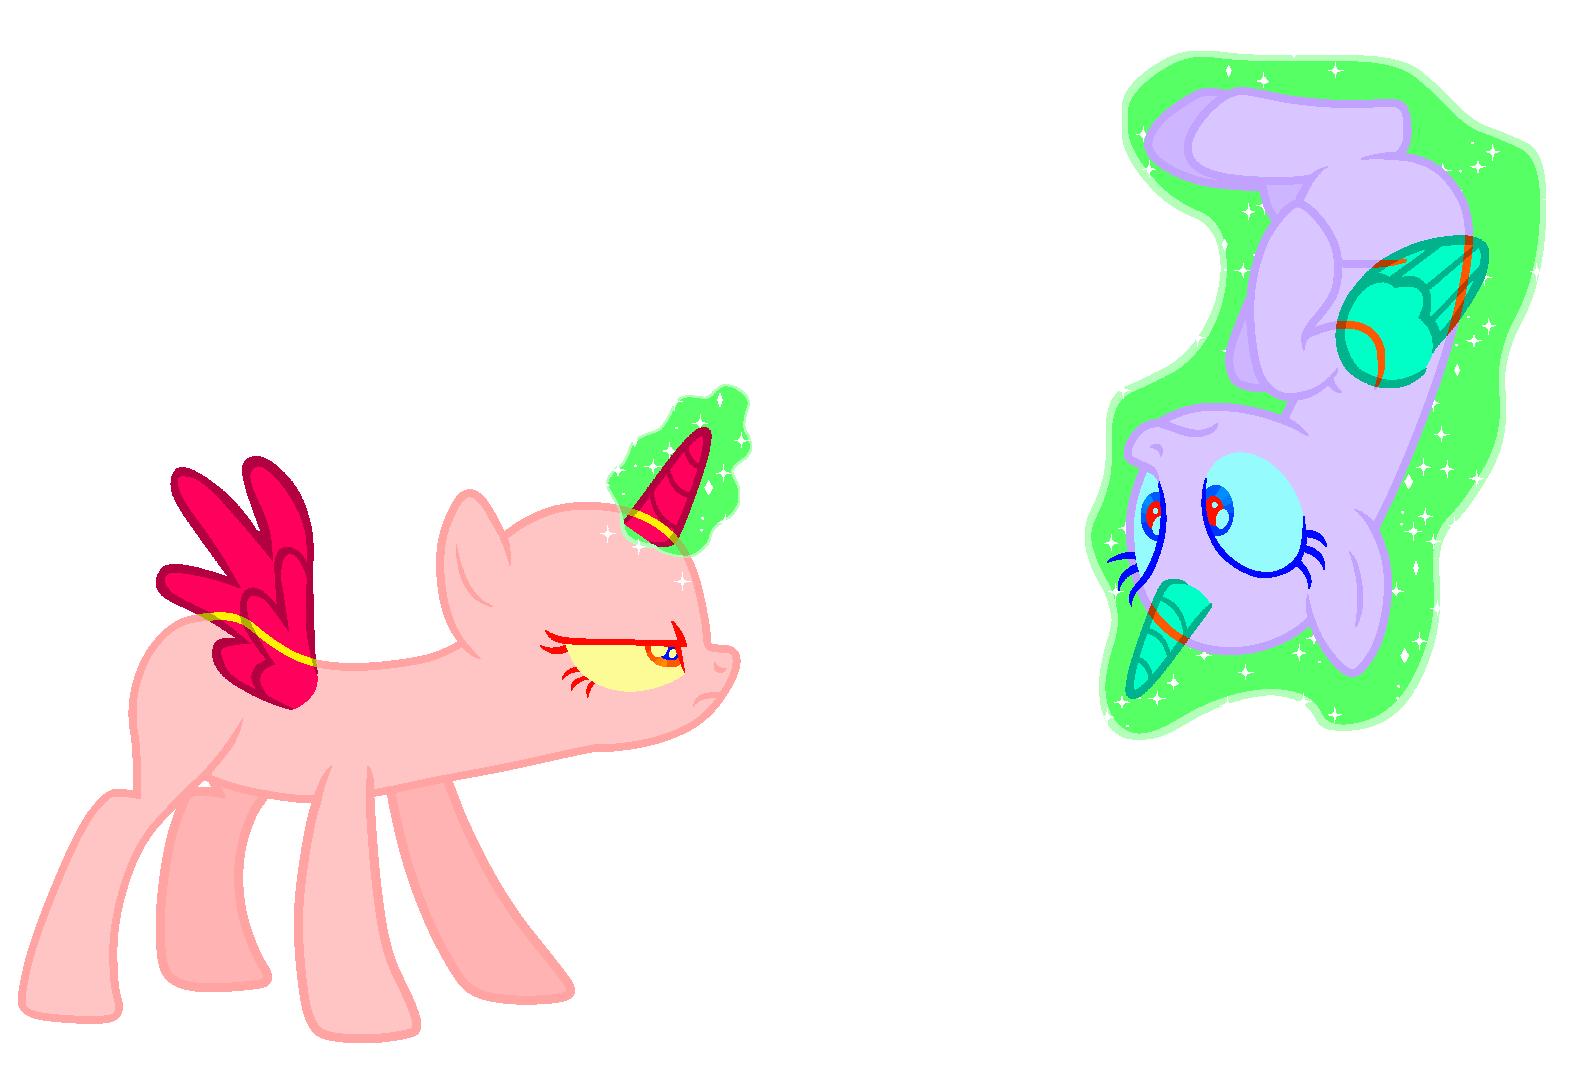 картинки пони манекенов